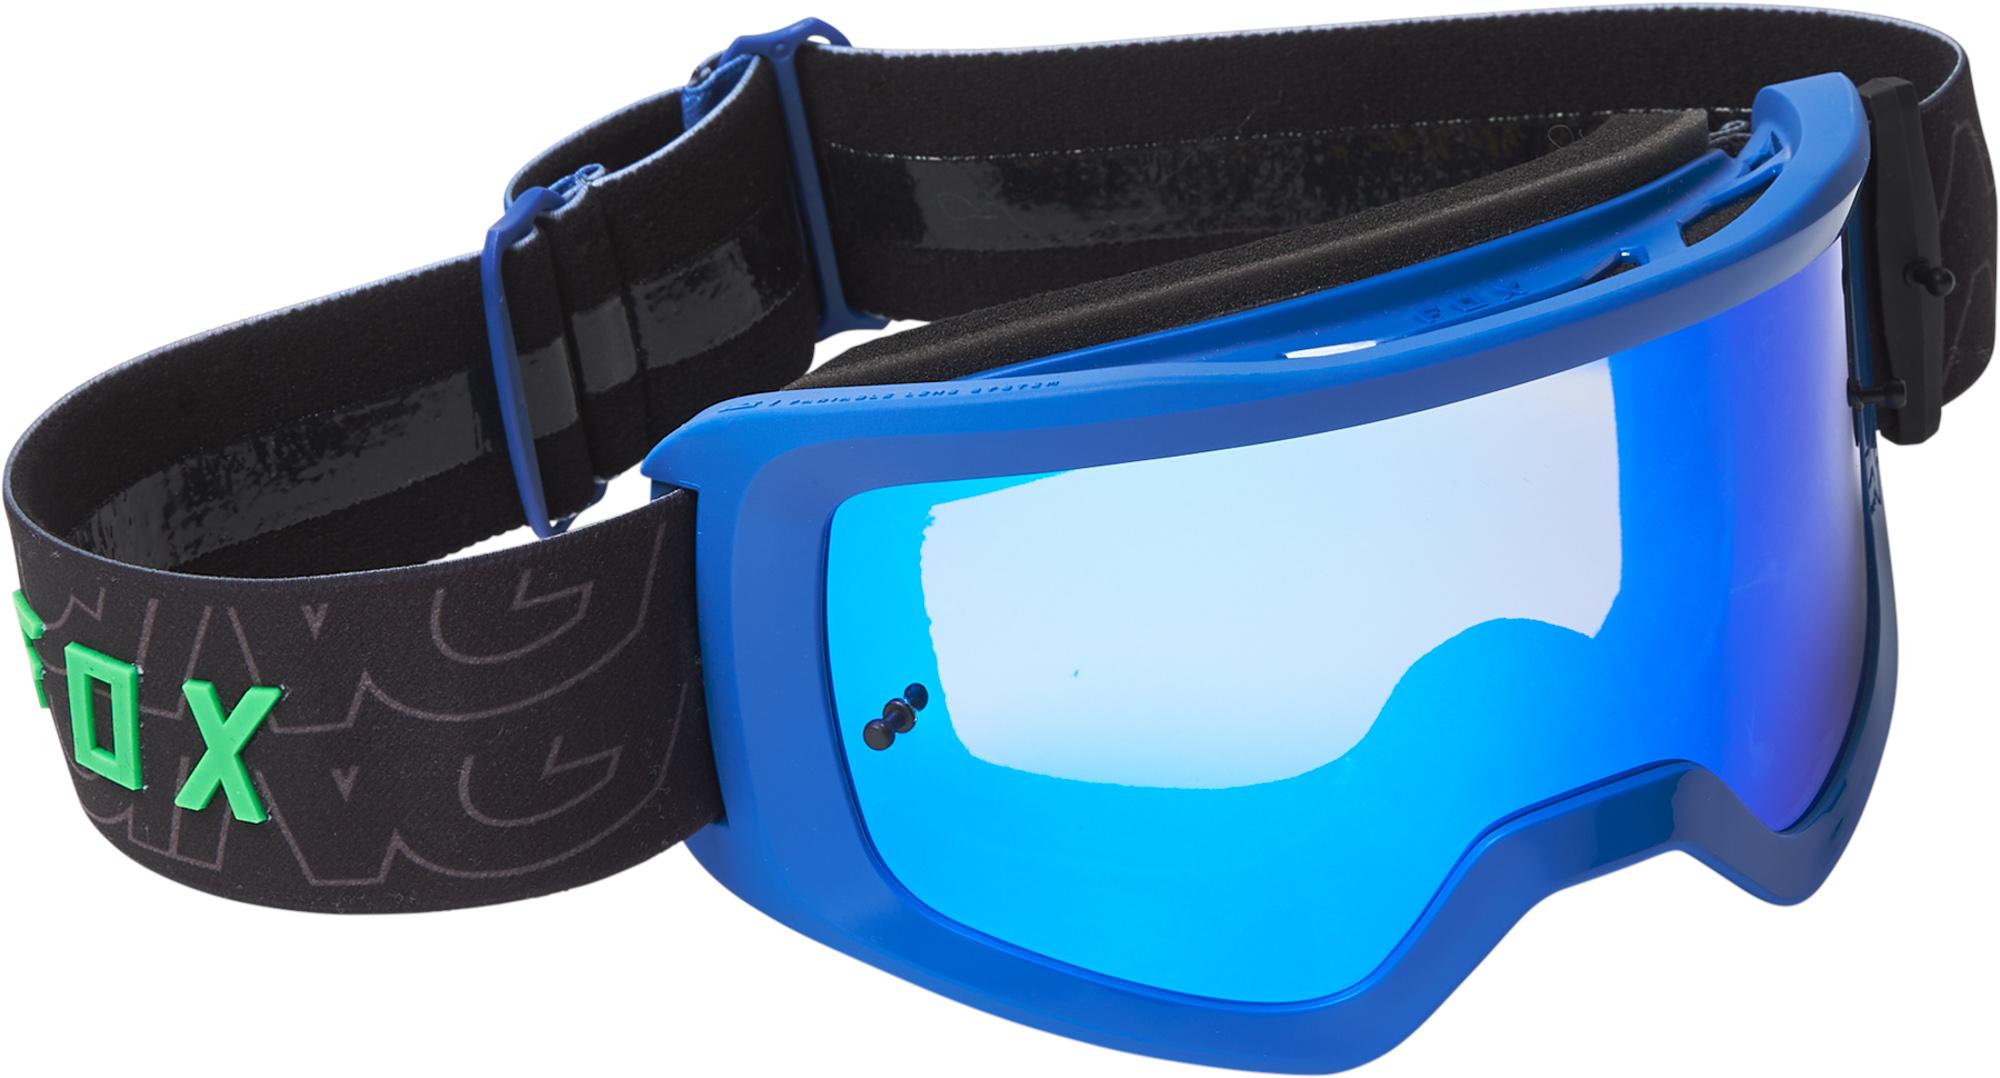 FOX Main Peril Goggle - Spark - OS, Blue MX22